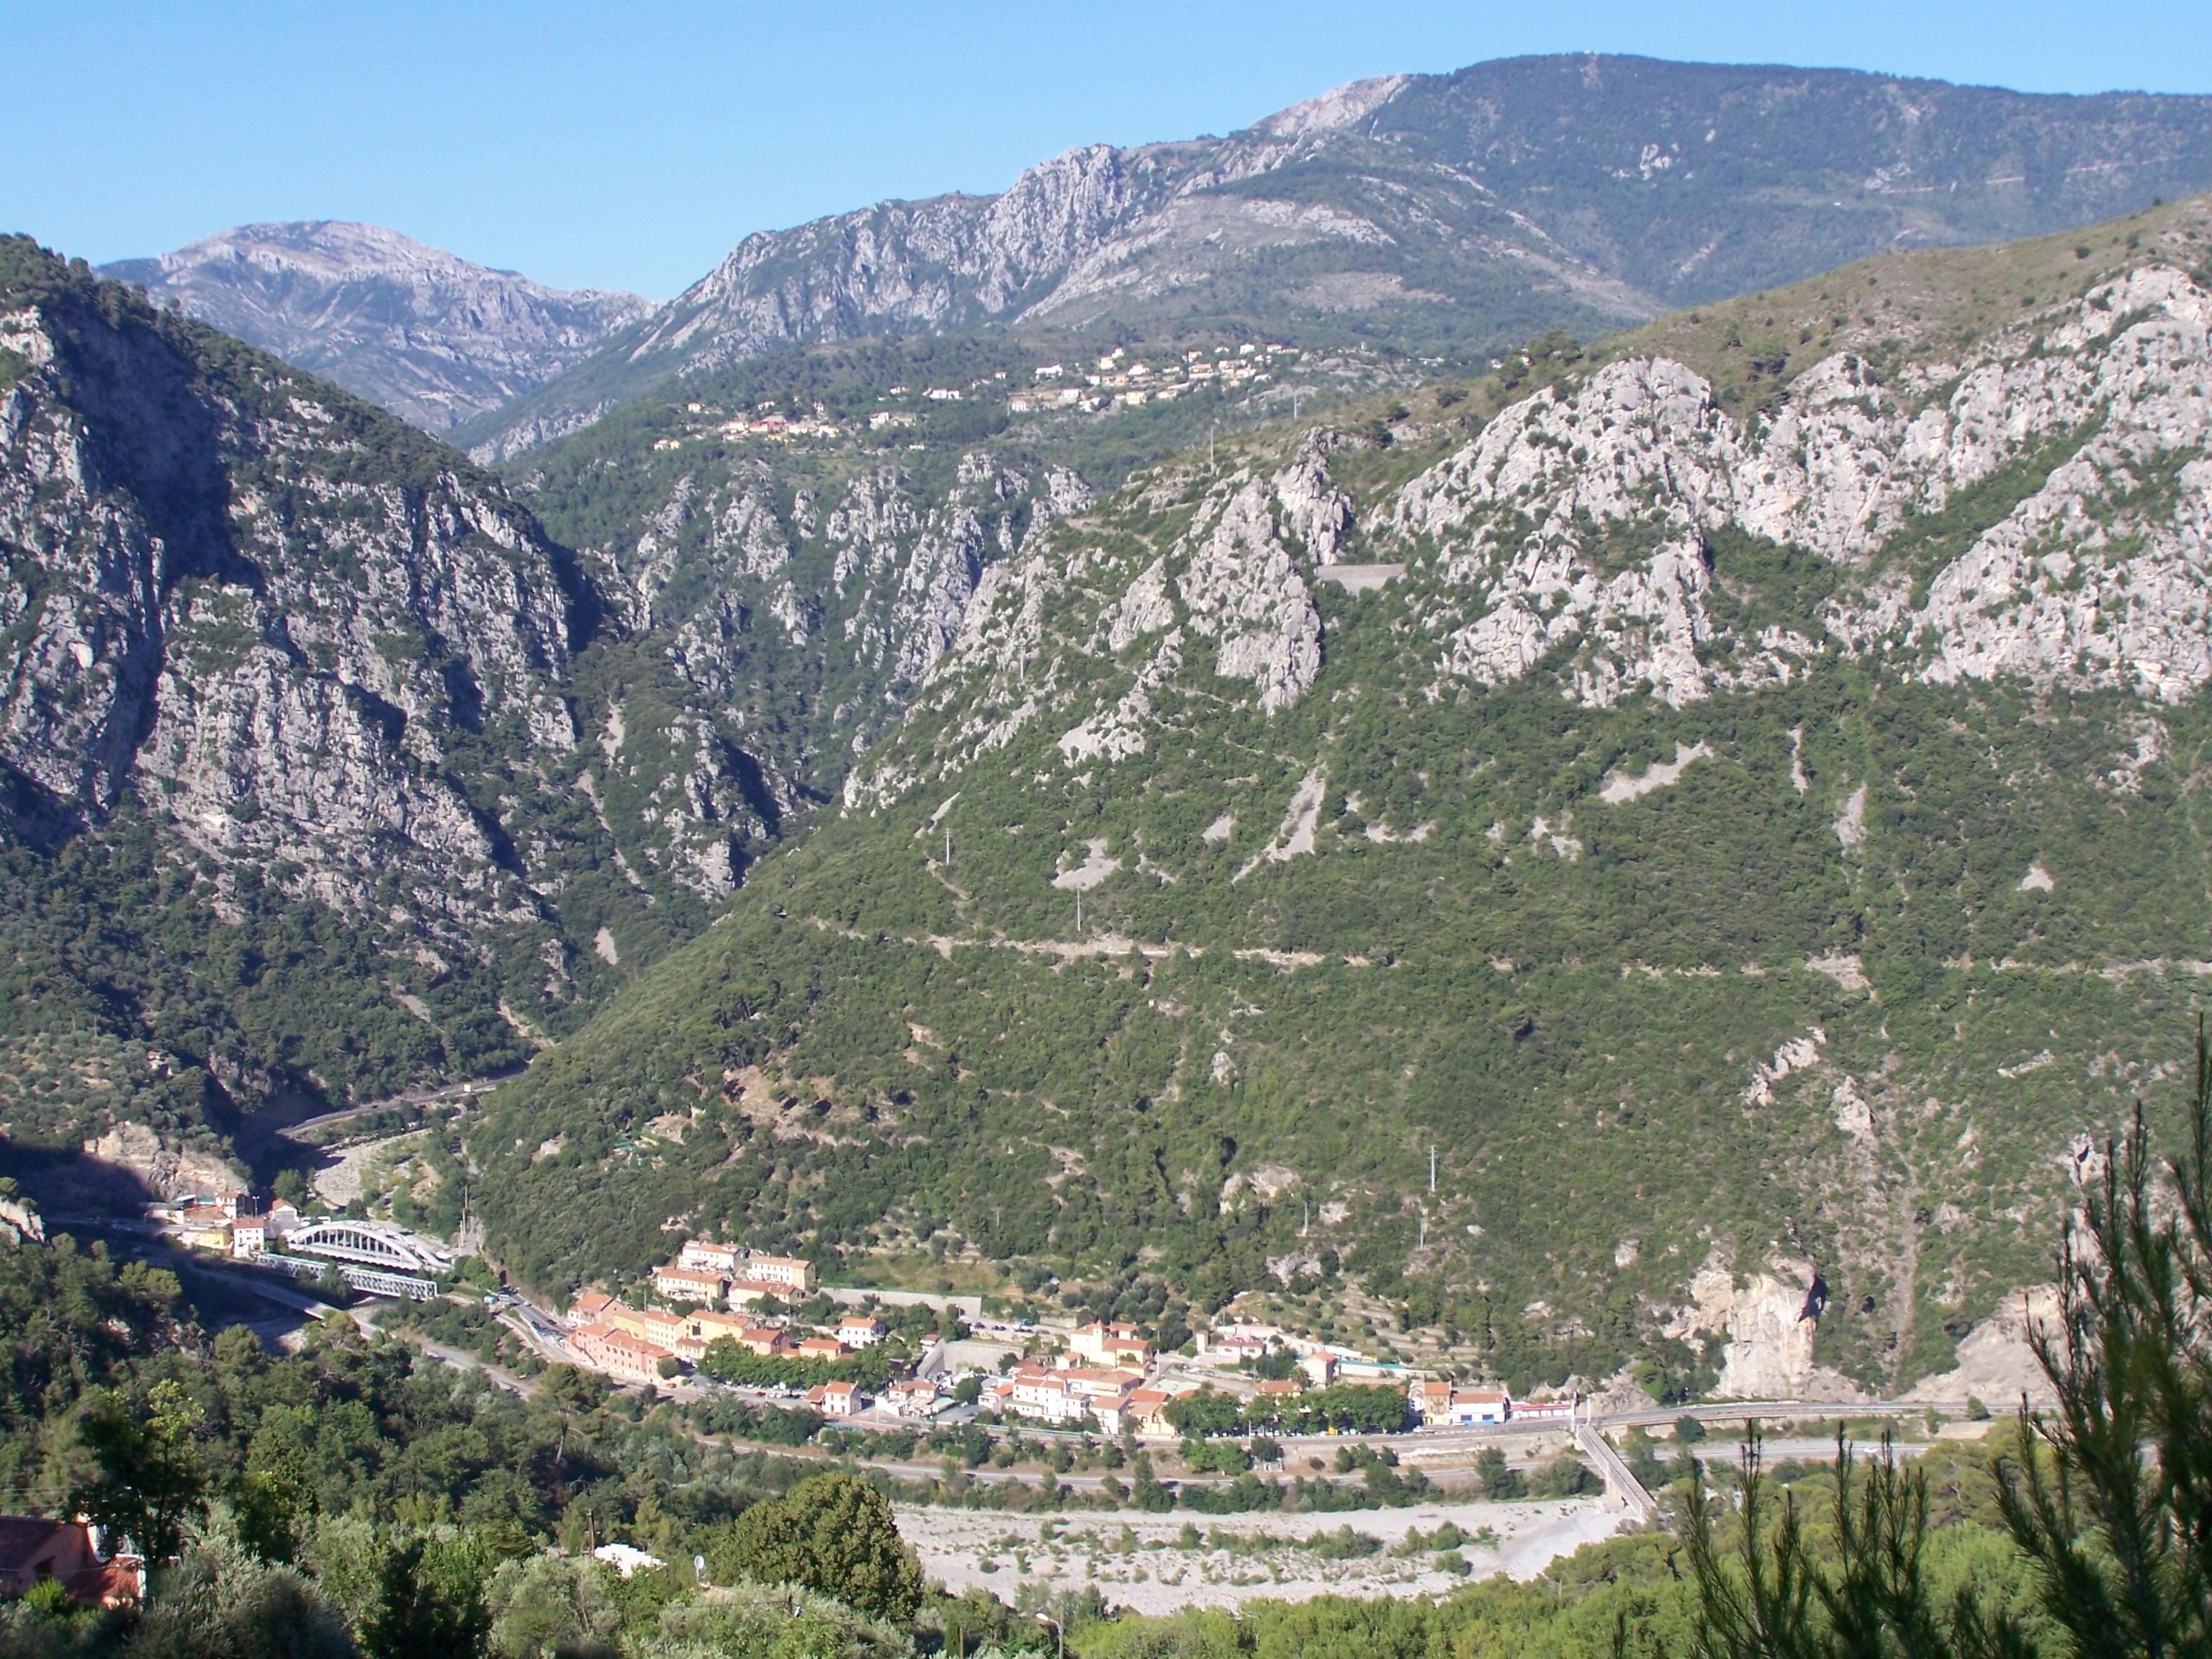 File:Levens Plan-du-Var.jpg - Wikimedia Commons